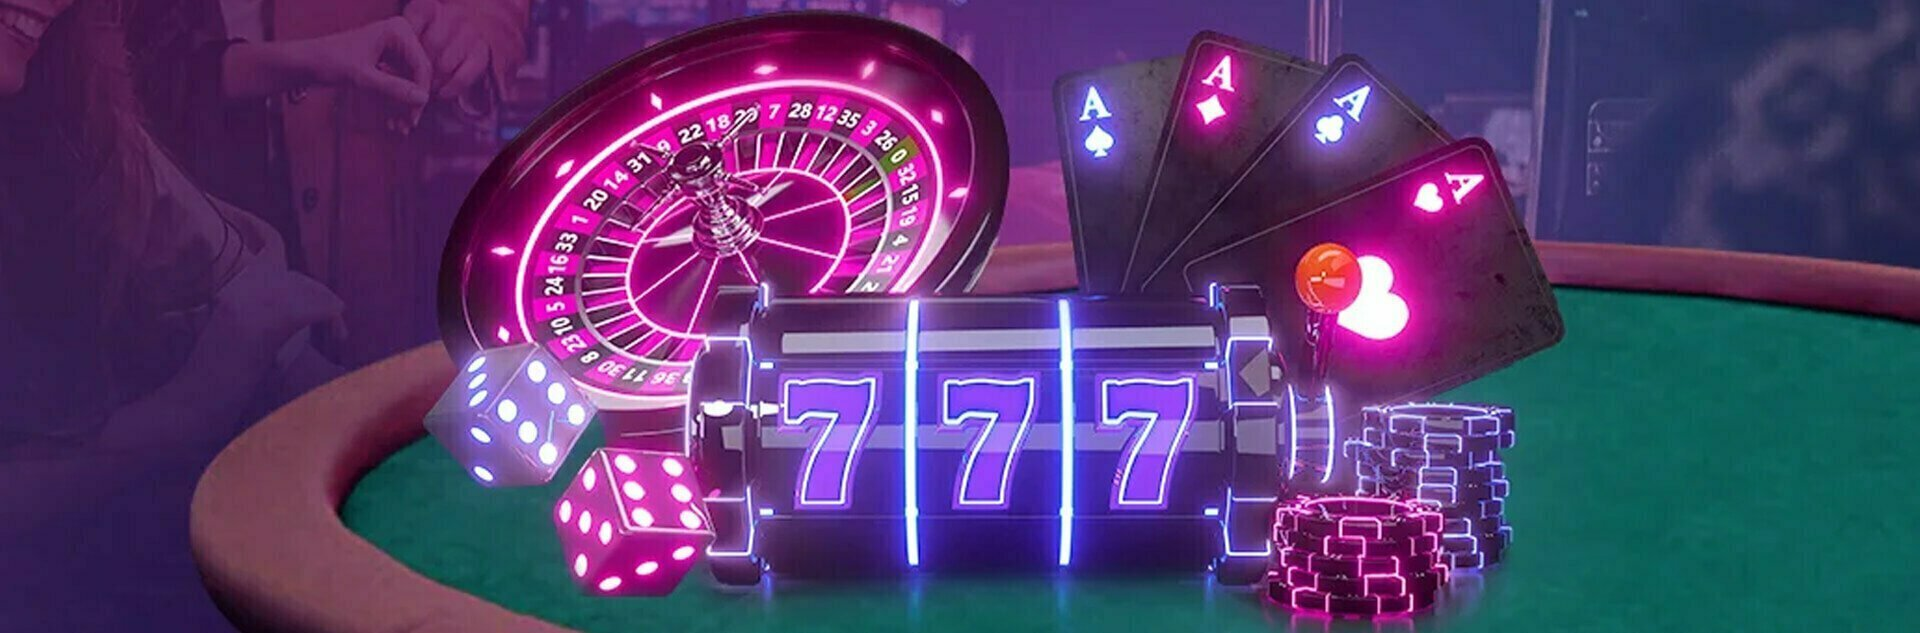 Betzest  casino review NZ